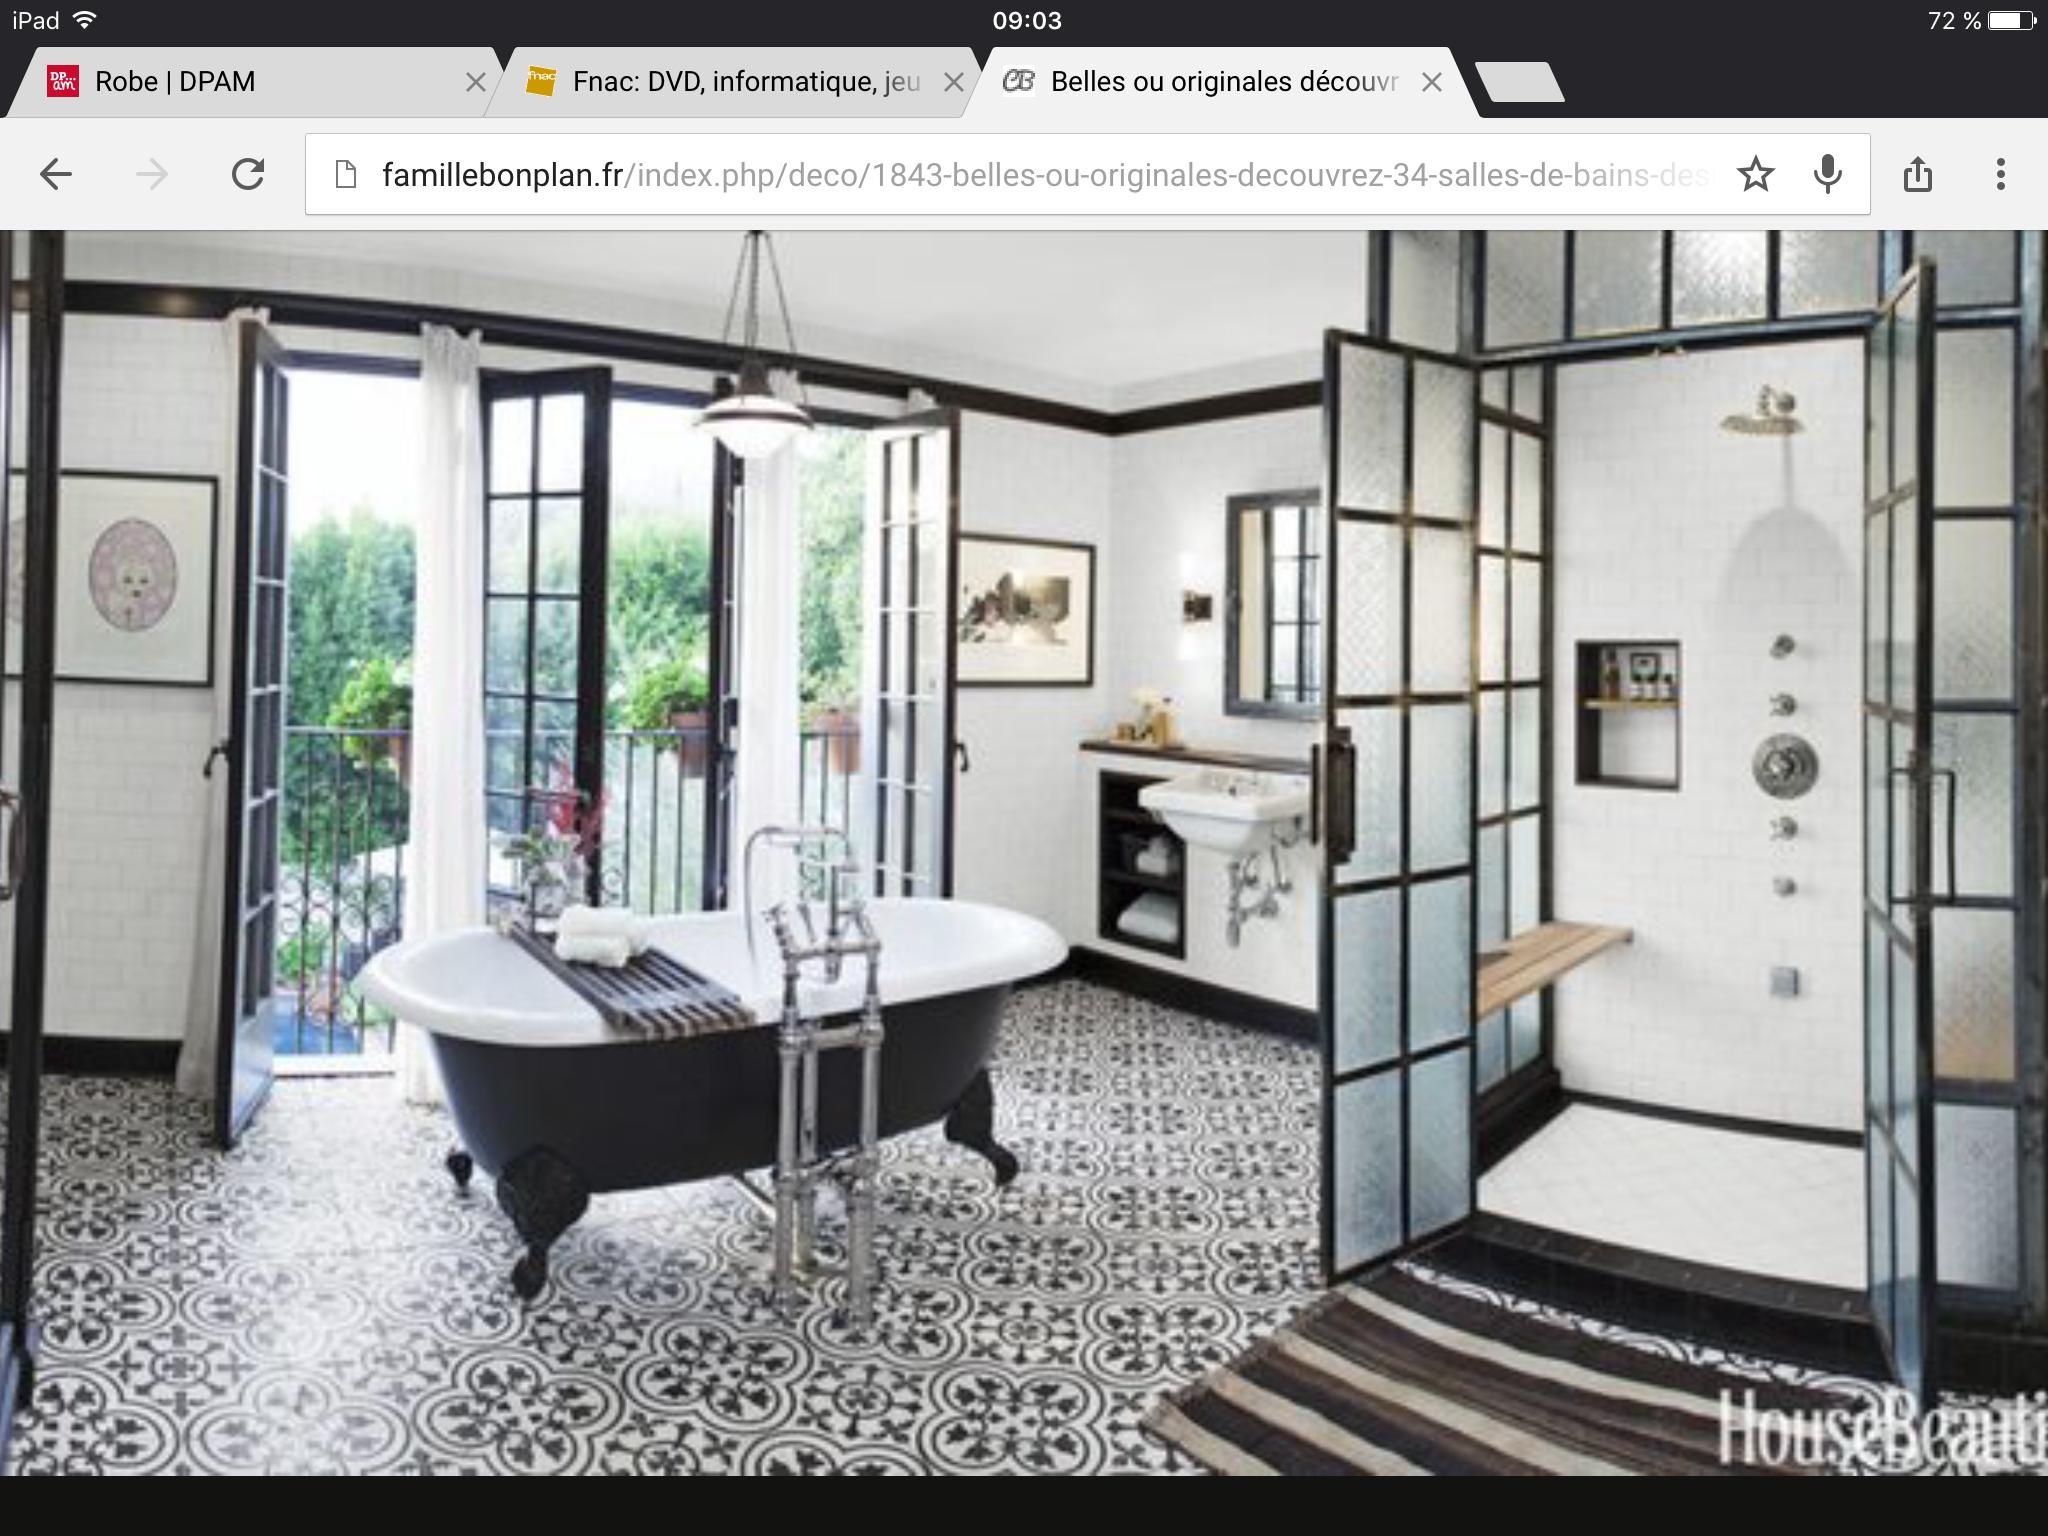 Pin by Carinne Respaut on Maison   Salle de bain blanche, Idée salle ...